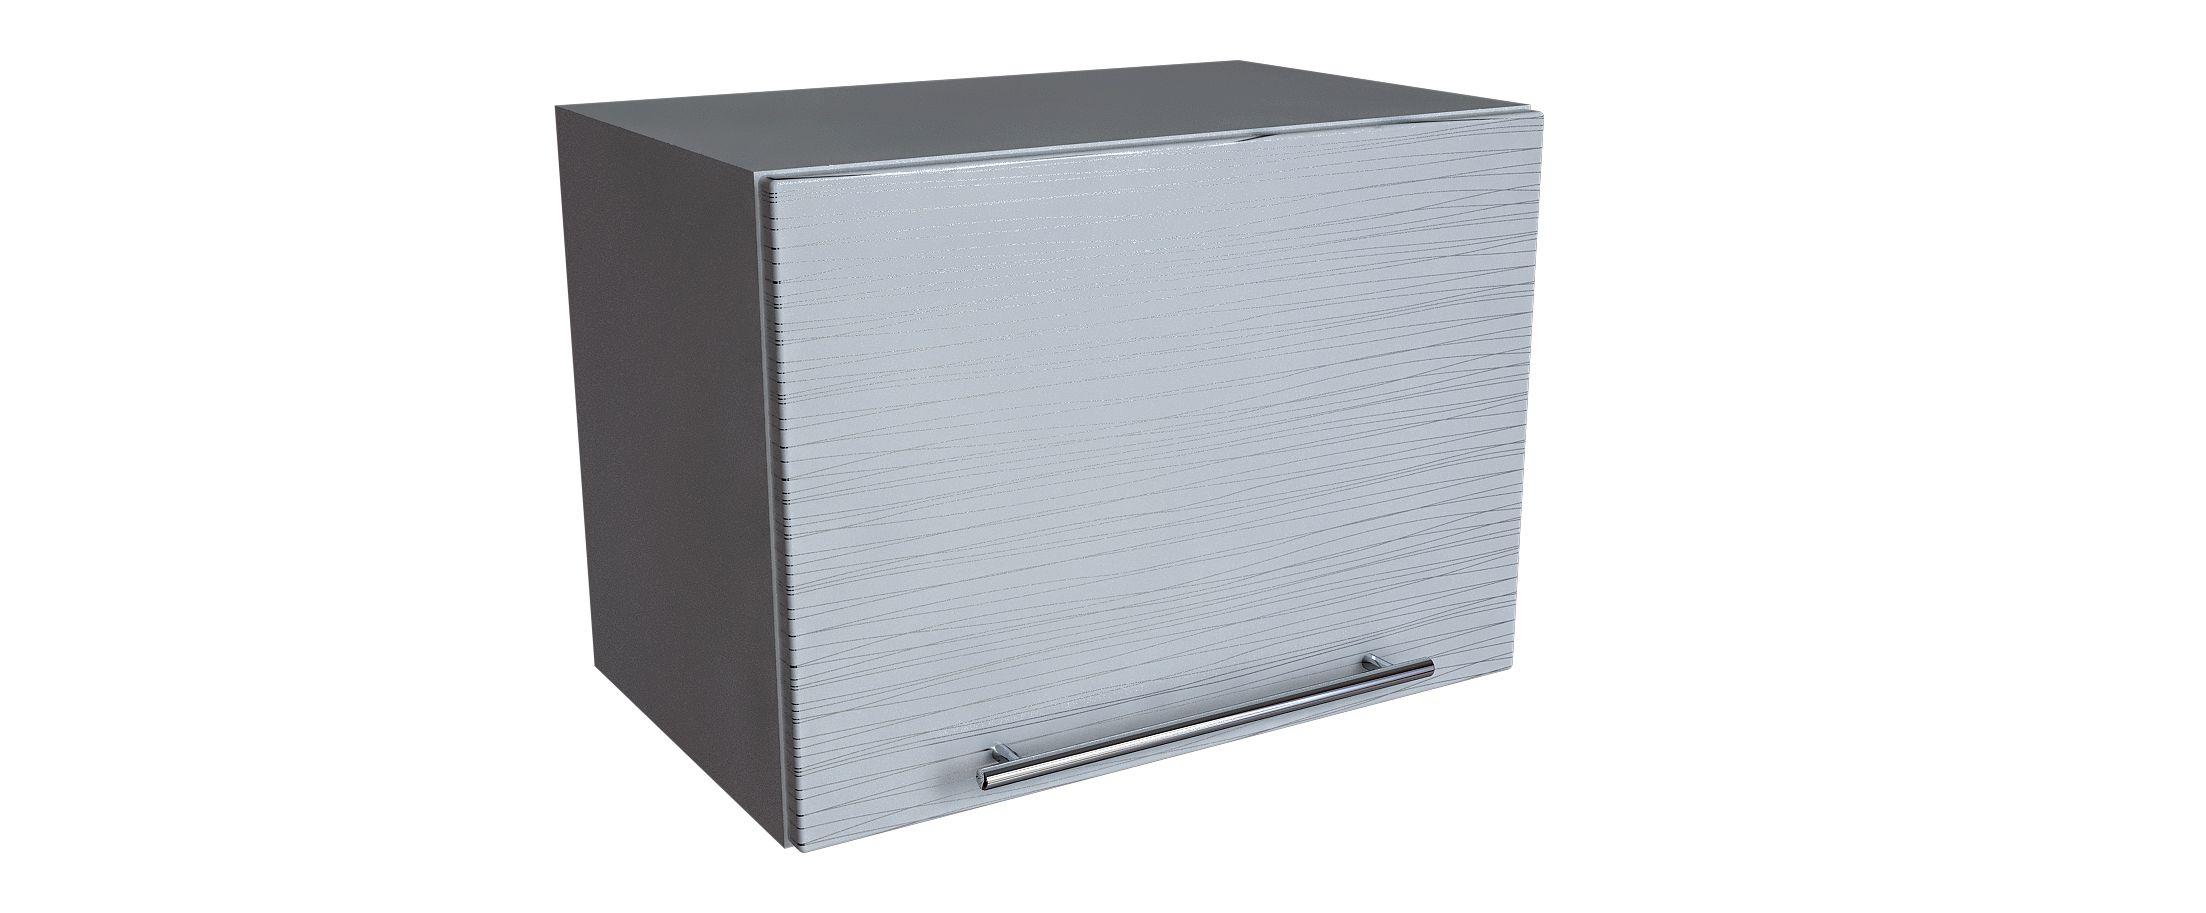 Шкаф навесной Страйп Модель 703 от MOON TRADE